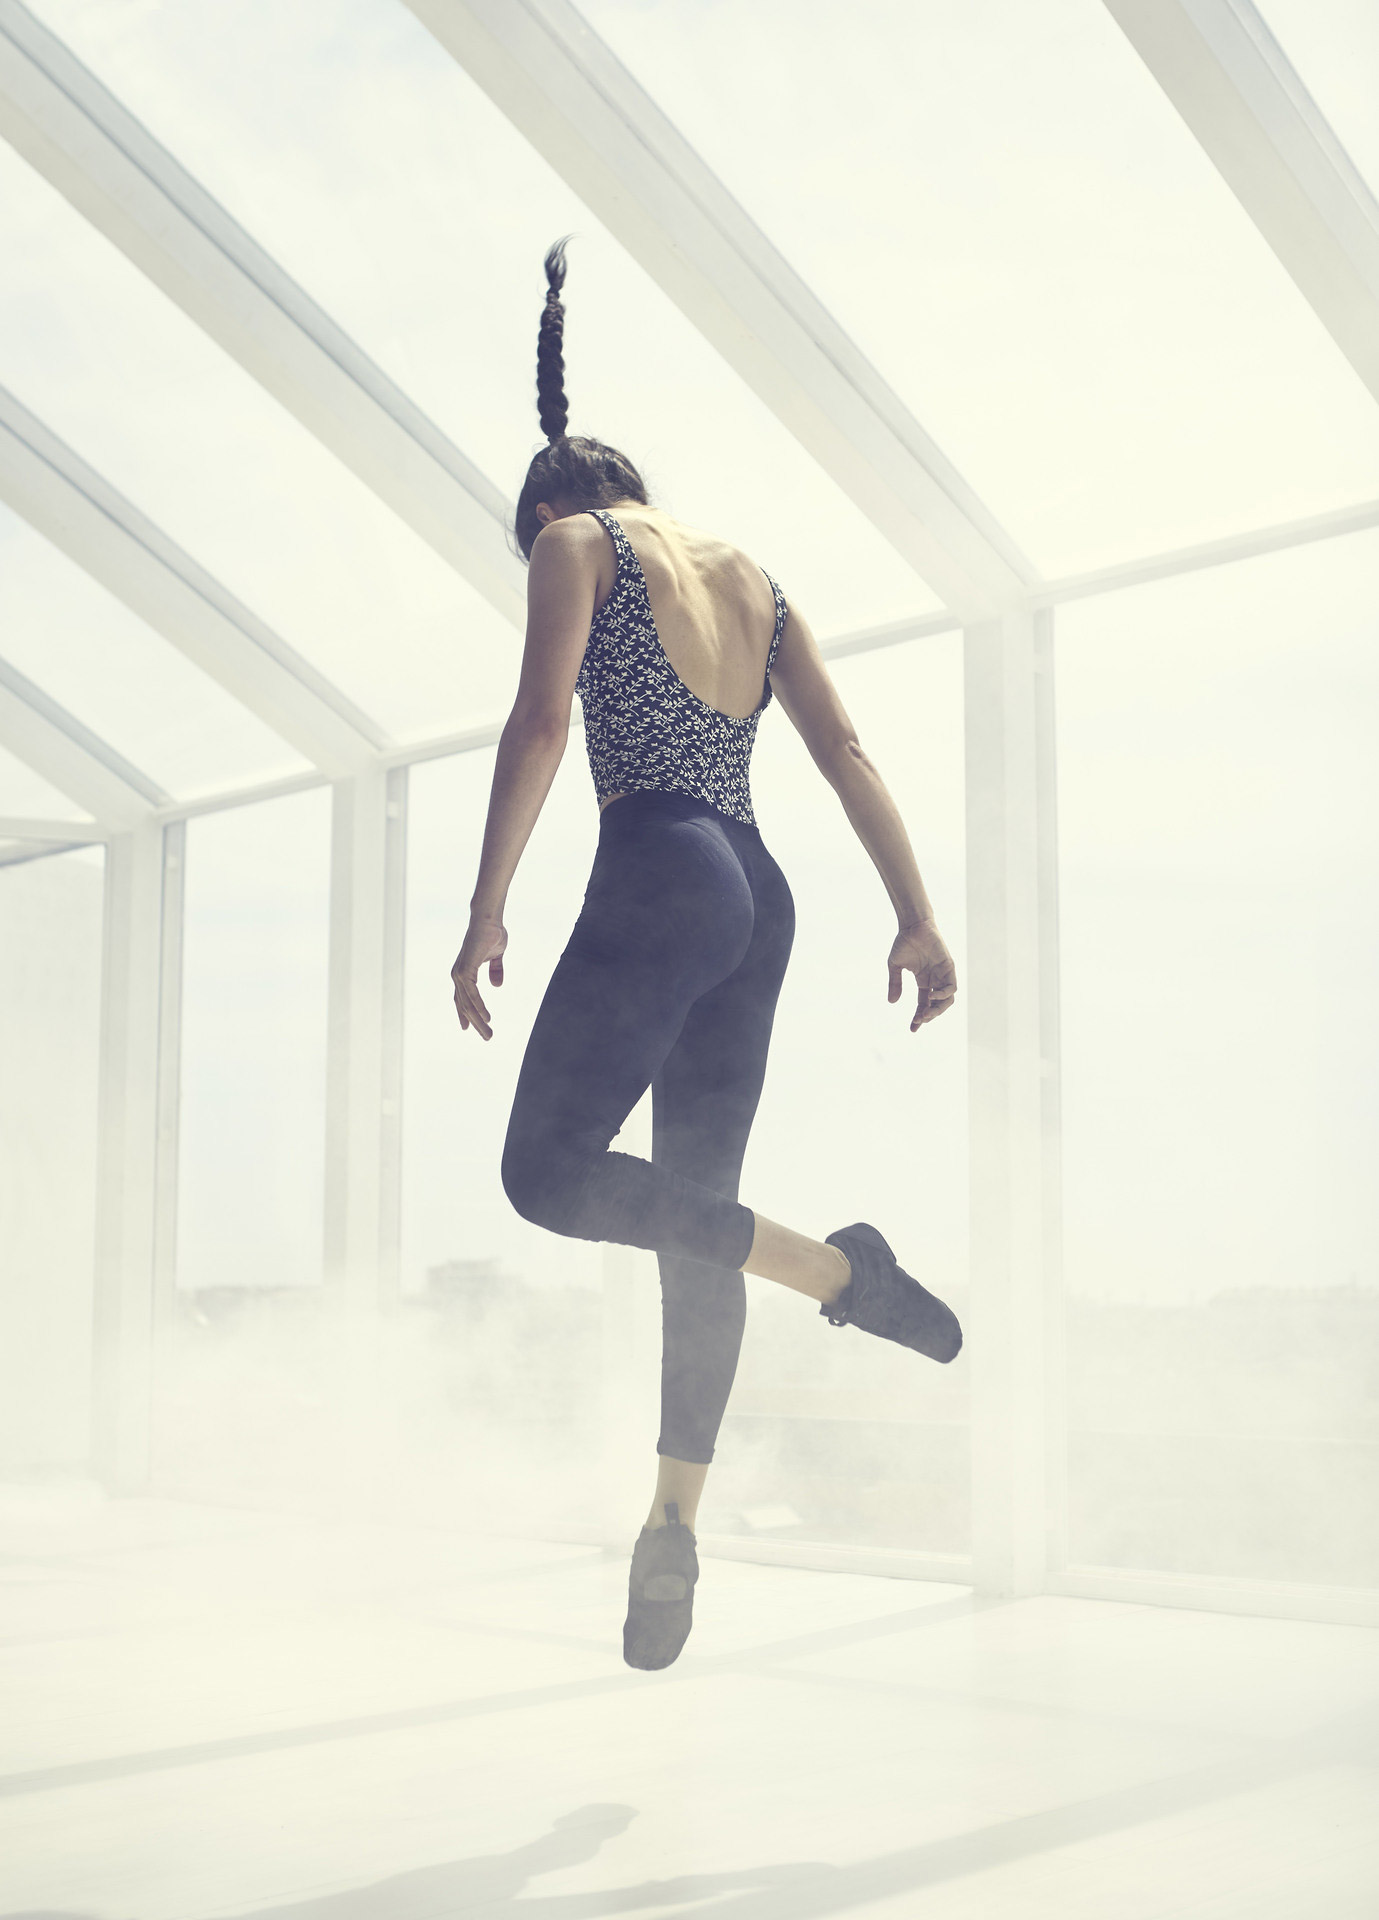 «Без названия», © Гартцен Мартинес / Gartzen Martinez, Барселона, Испания, Финалист в категории «Фитнес» – любитель, Фотоконкурс «Адреналин» — Спортивная и экшн-фотография